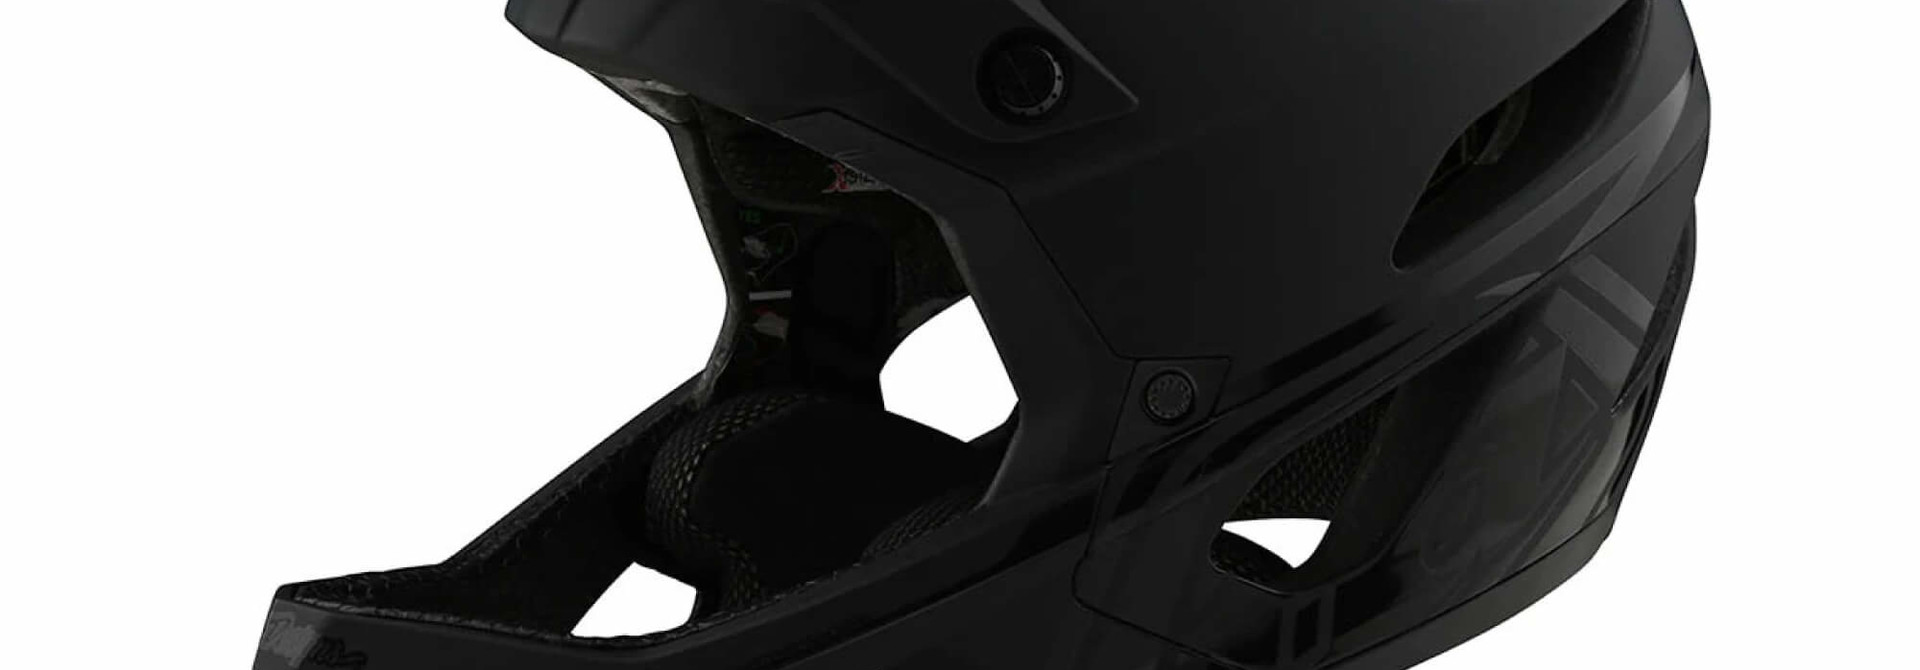 Stage As Mips Helmet 2021